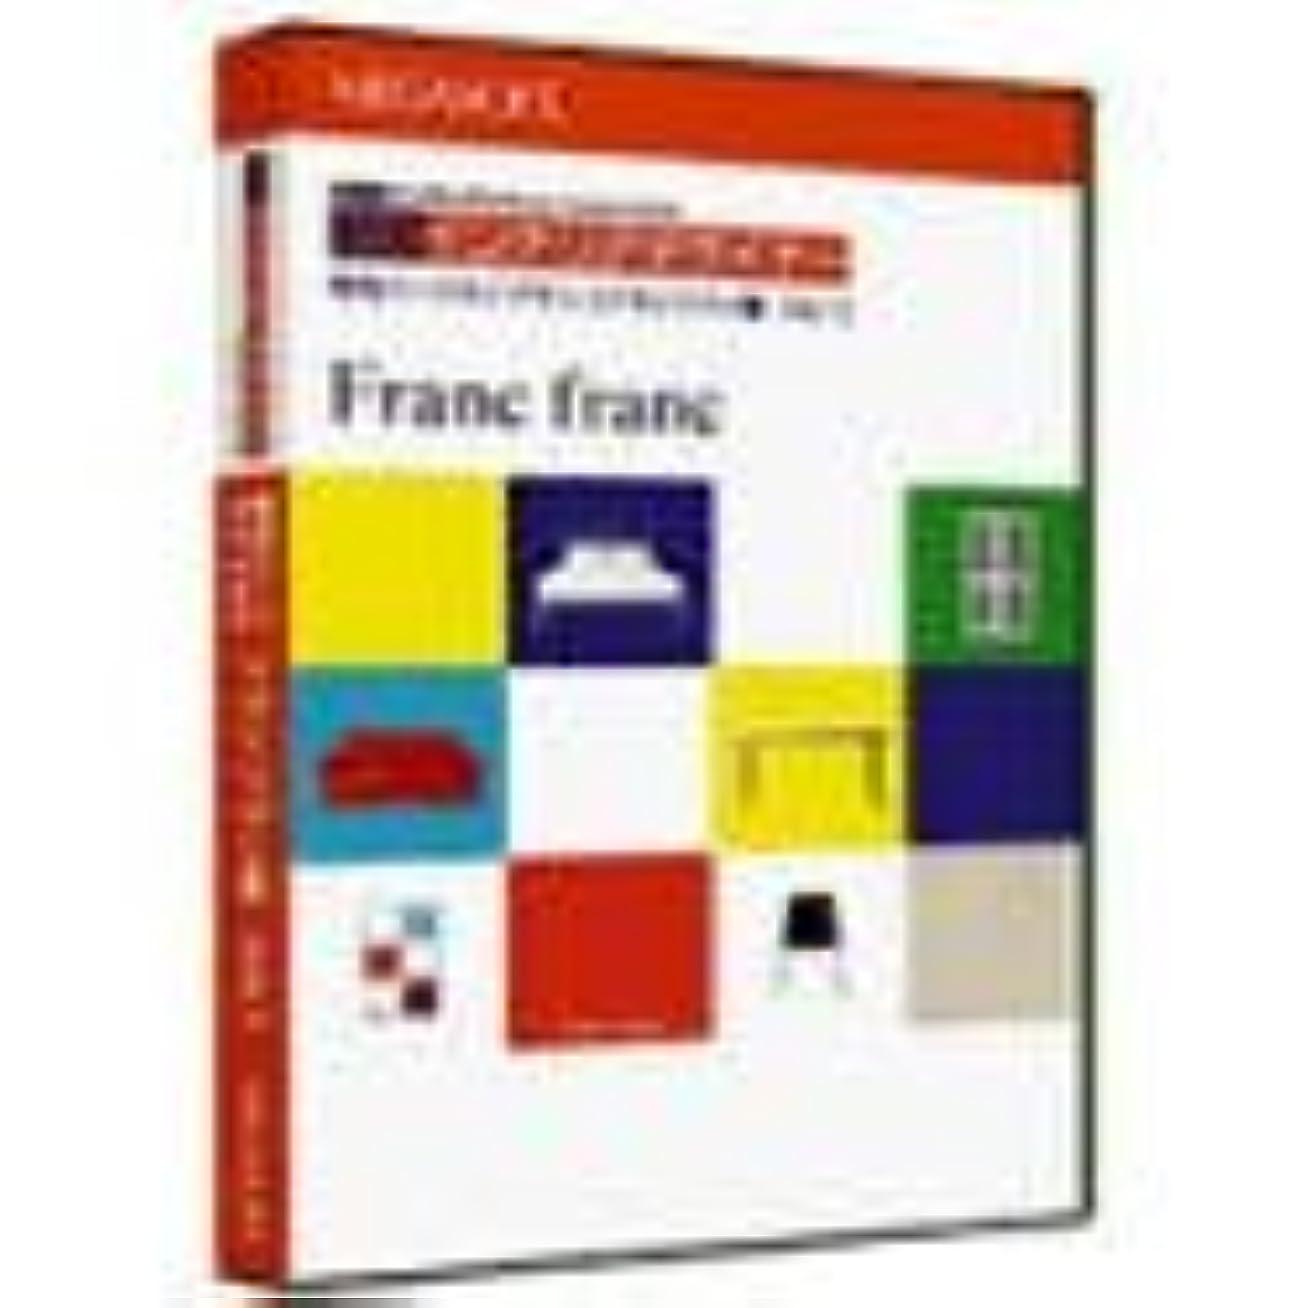 スイぎこちない記録3Dインテリアデザイナー専用パーツライブラリ フランフラン編 Vol.1